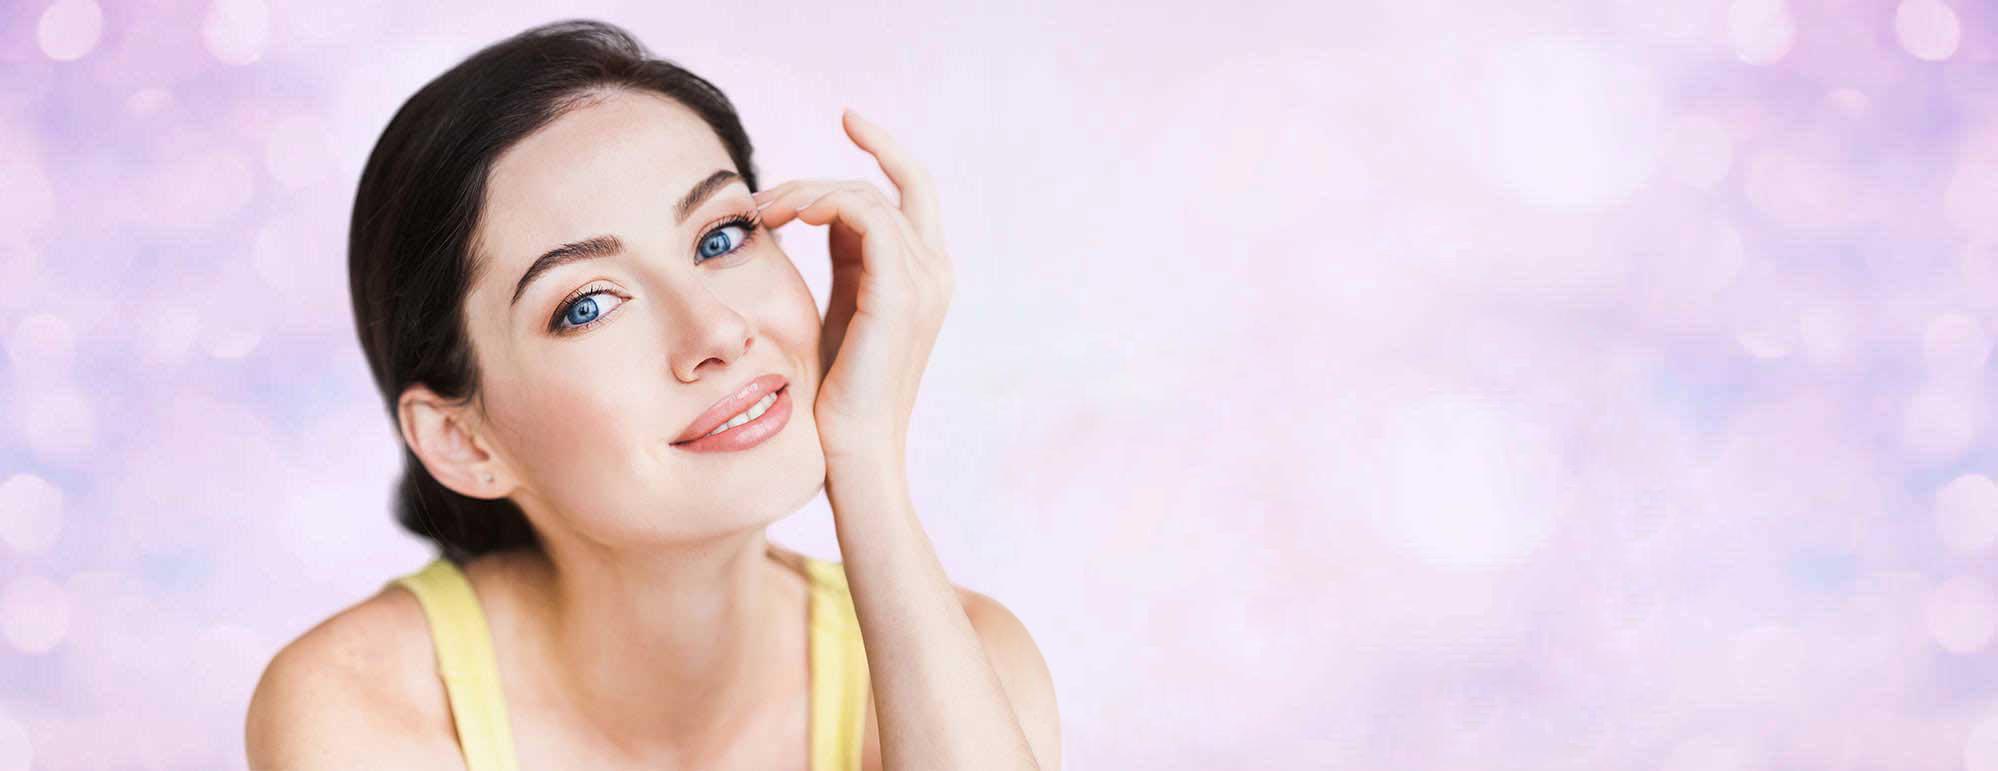 Italia - funziona - opinioni - recensioni - forum - chi l'ha provato - Beauty 360